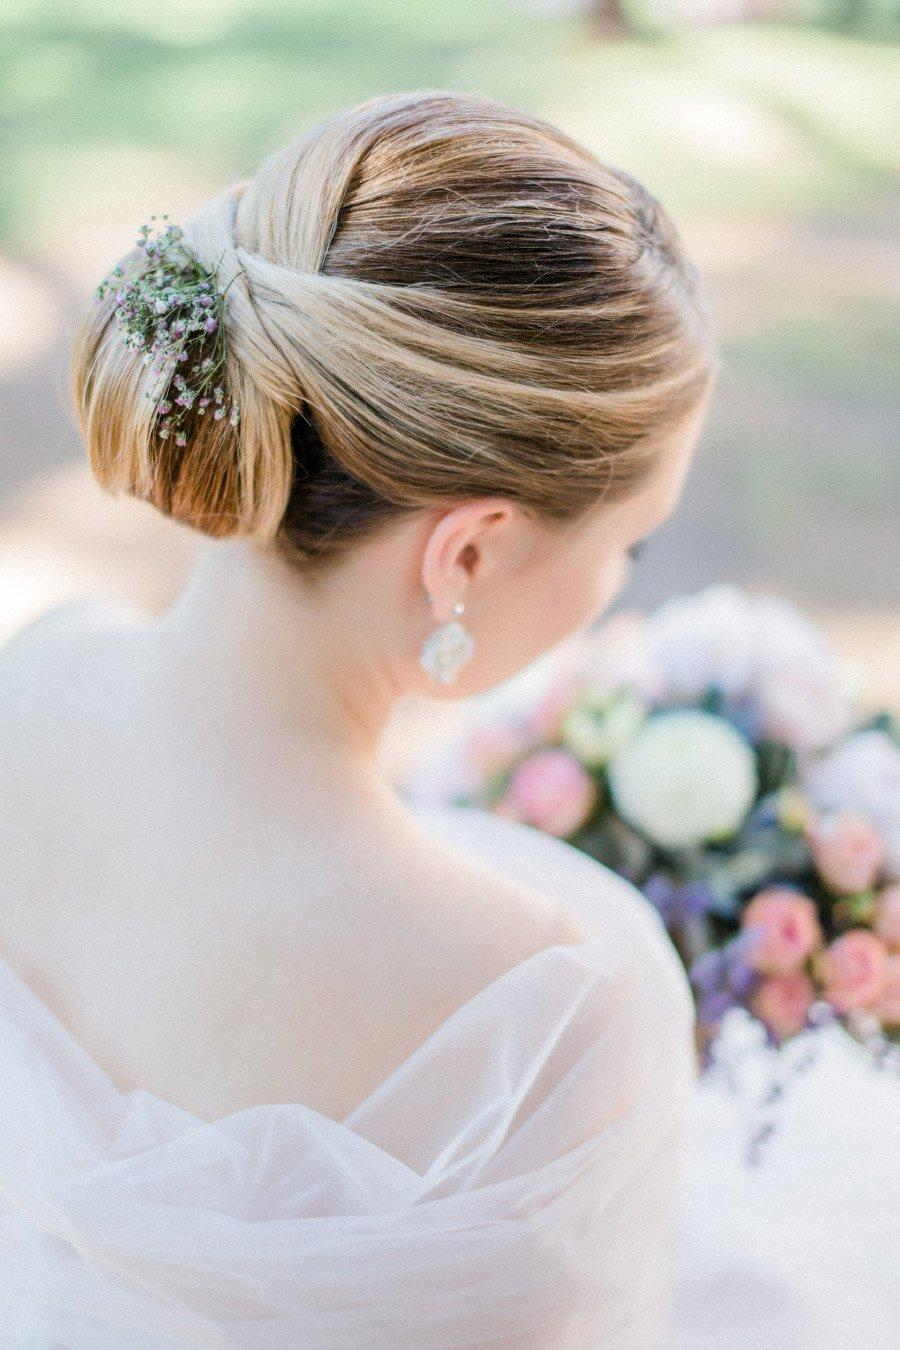 Frisur der Braut